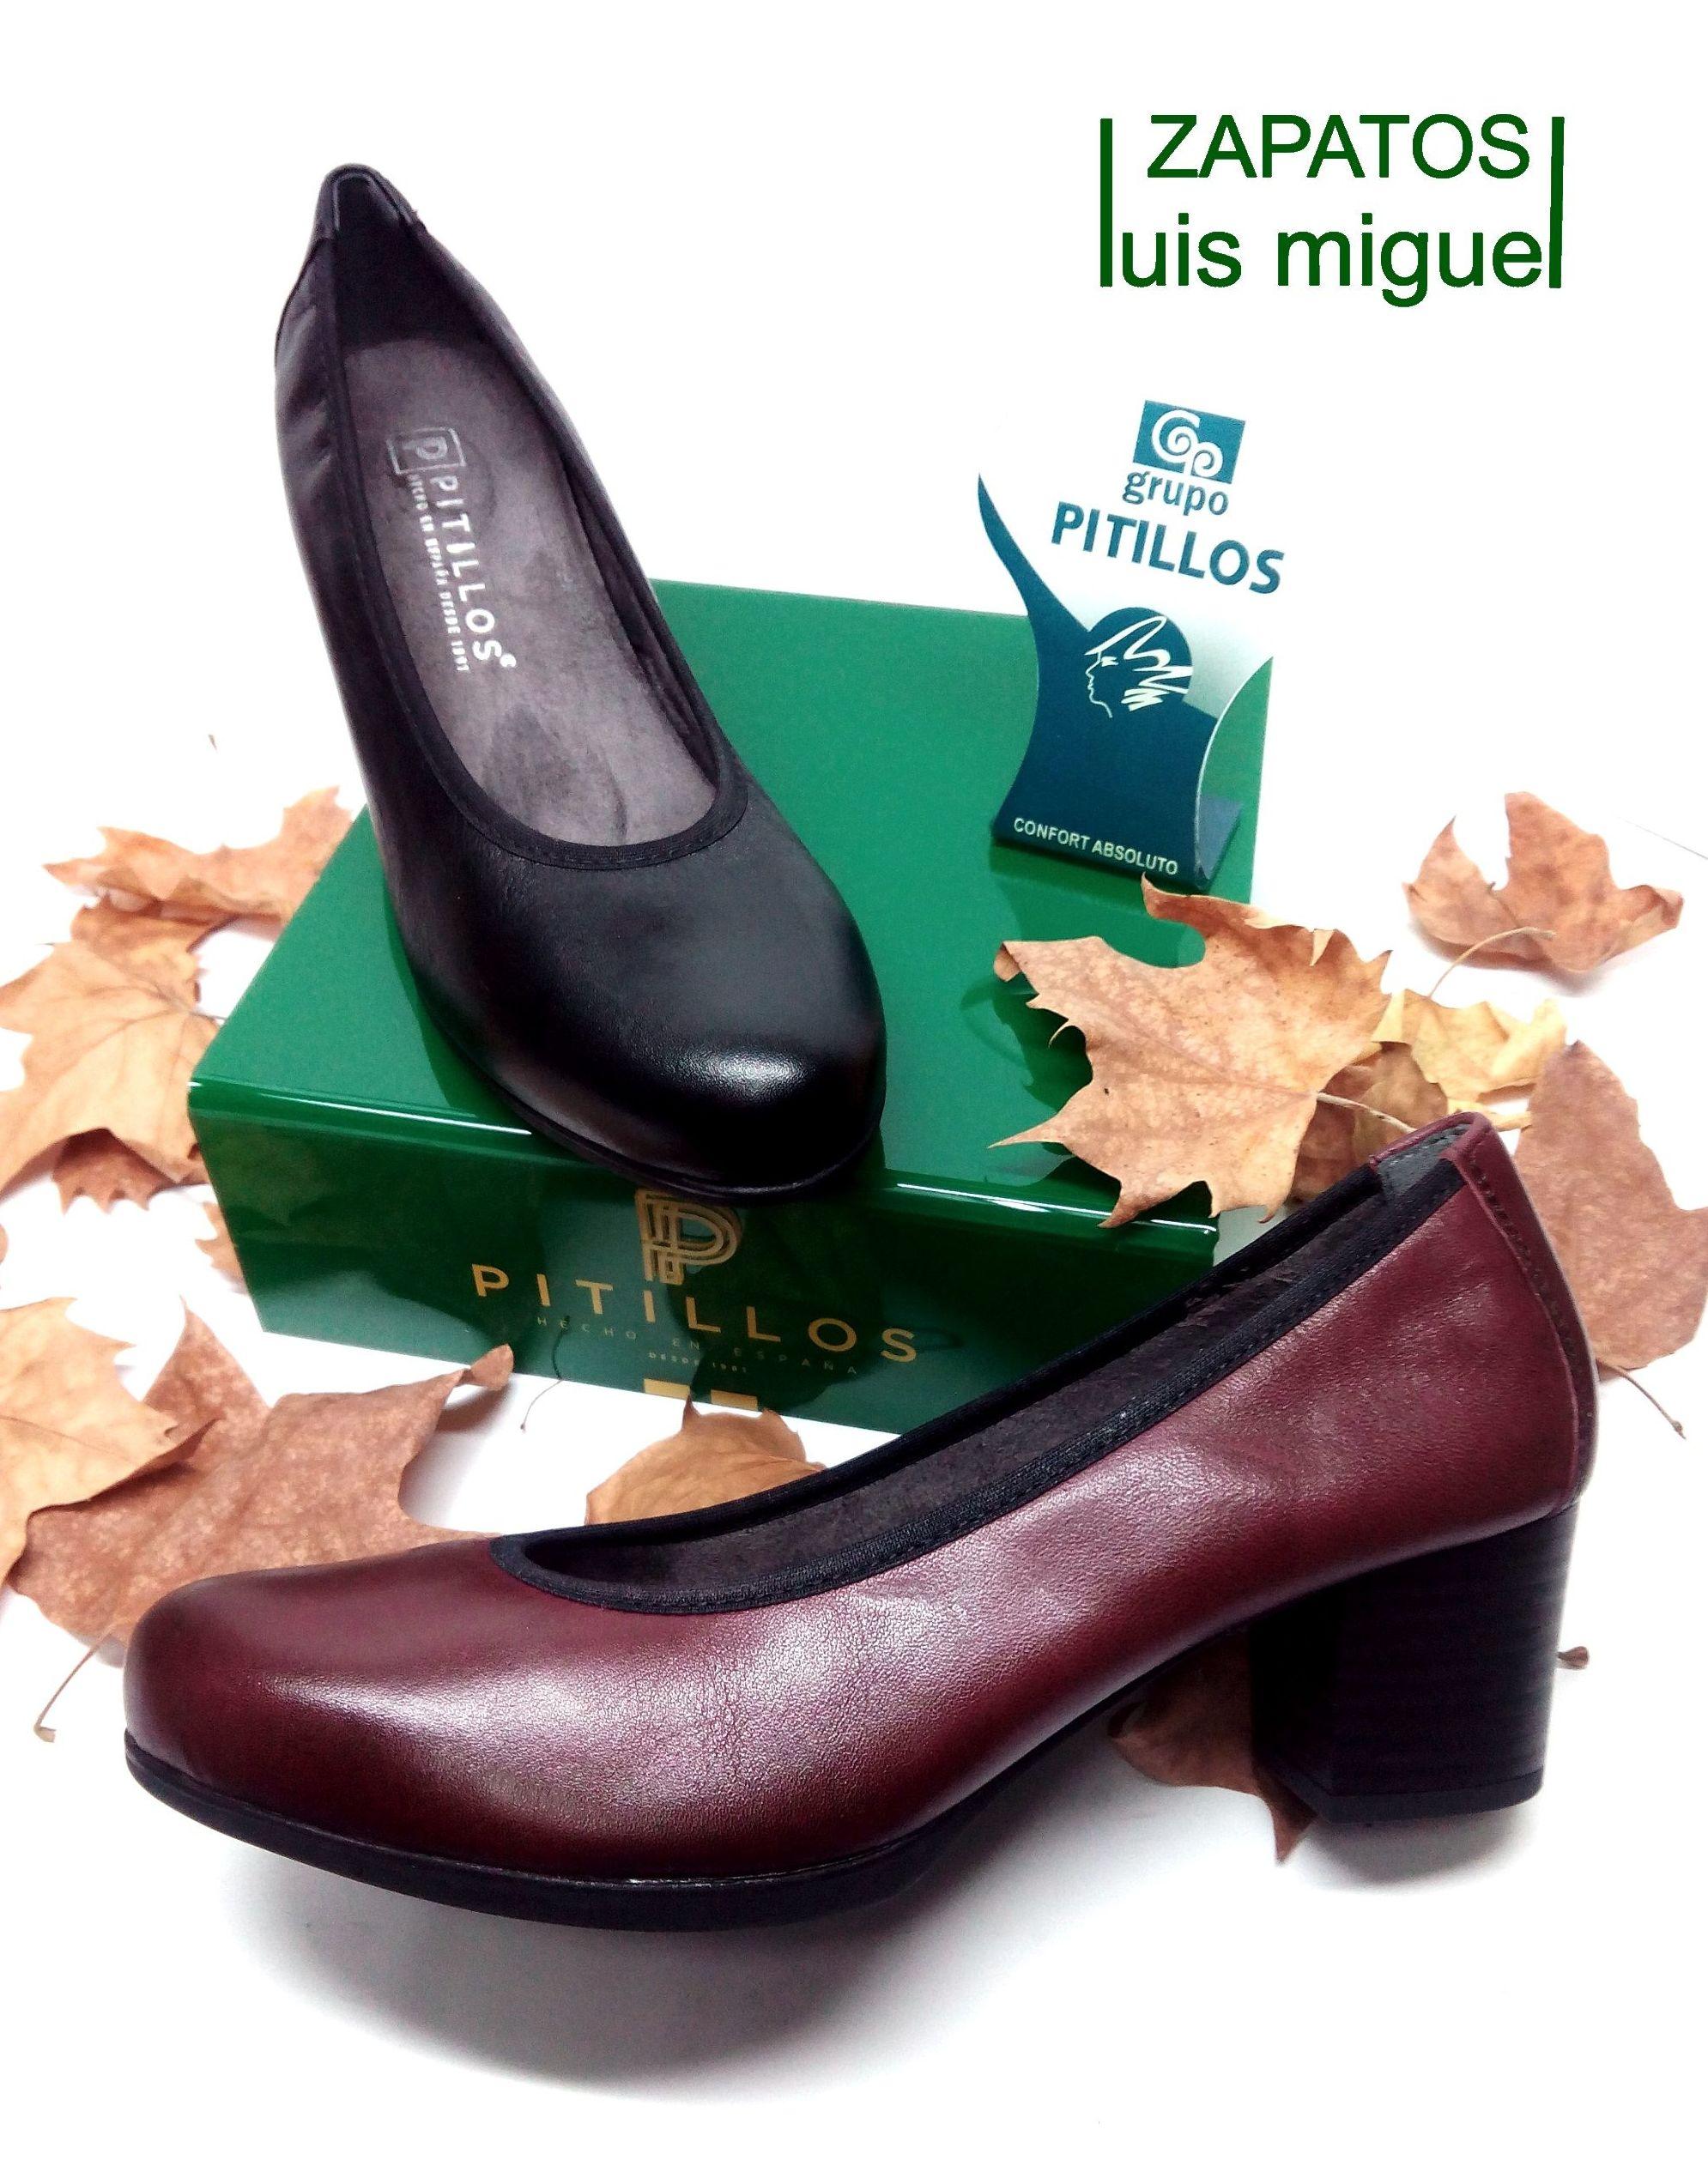 salon con elastico: Catalogo de productos de Zapatos Luis Miguel